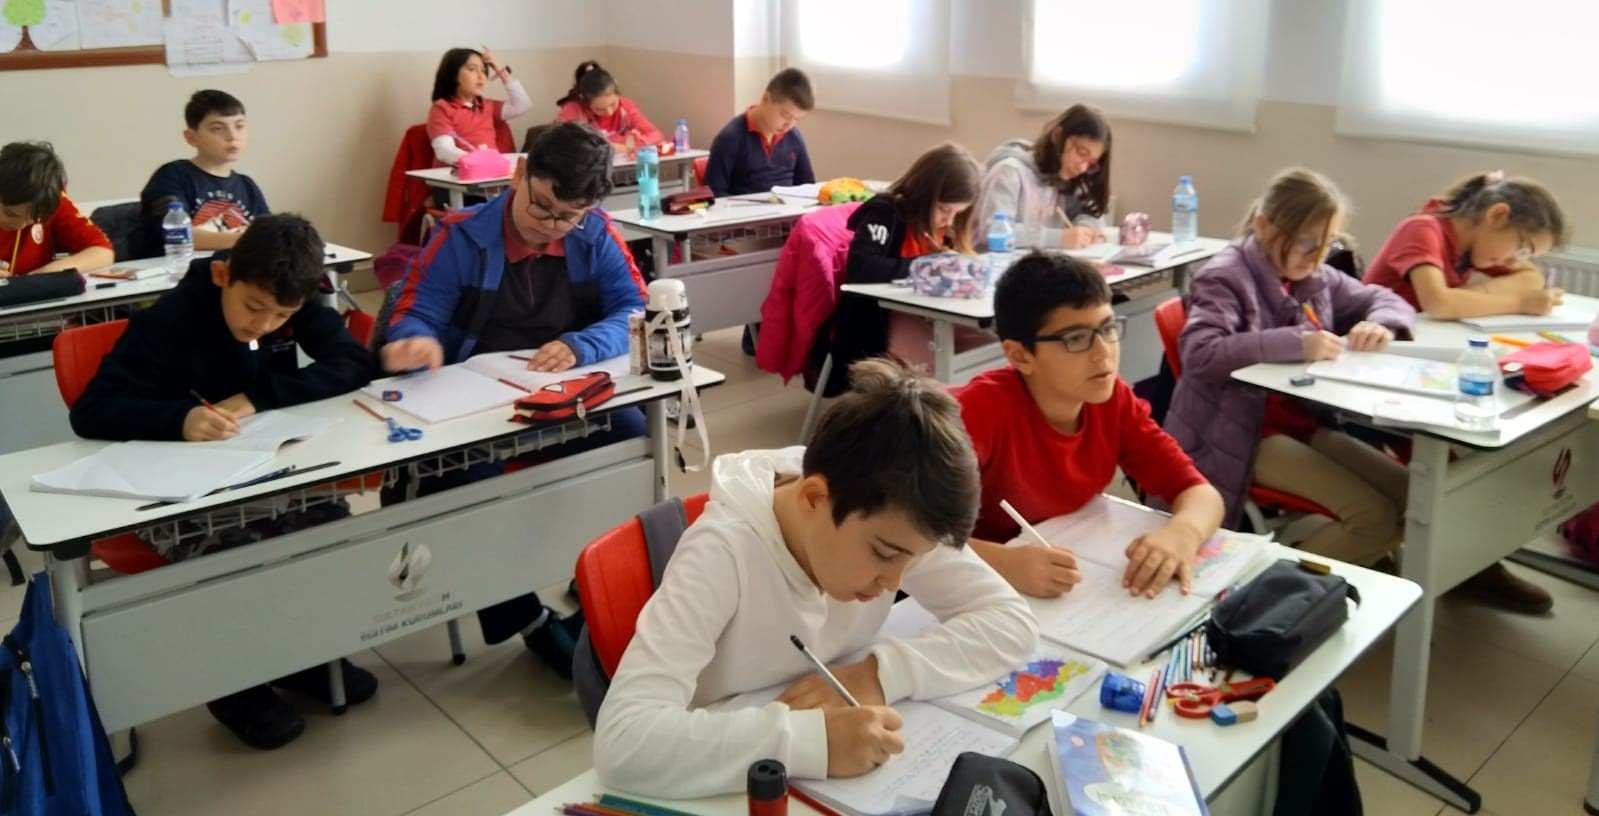 """İlkokul sınıflarımızda """"Türkiyenin coğrafi bölgeleri ve illeri"""" konulu Genel Kültür modülü etkinliği yapıldı."""